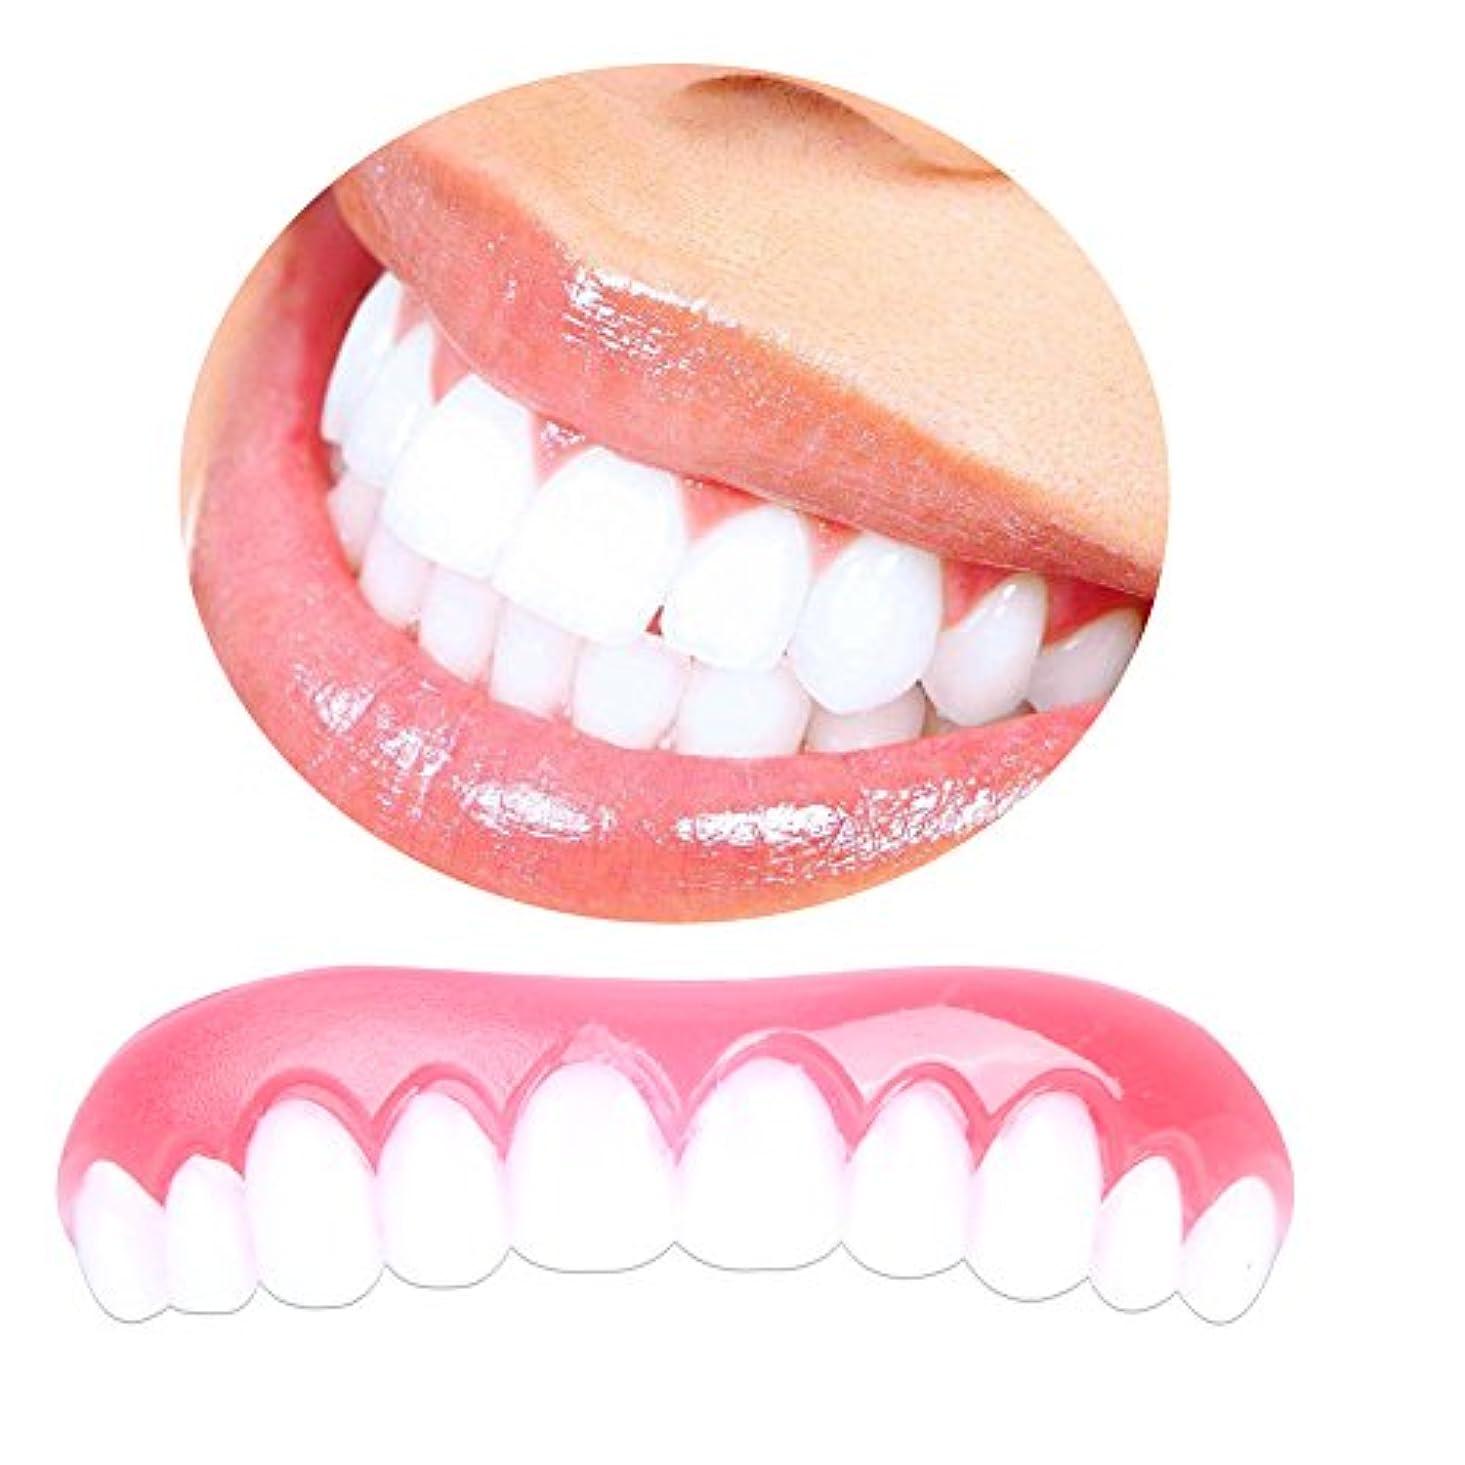 時計回り充電樫の木コンフォートフィットフレックス化粧品歯パーフェクトスマイルベニアダブの歯の矯正用ダブ歯用ホワイトパーフェクトスマイルベニア歯のホワイトニング-2個